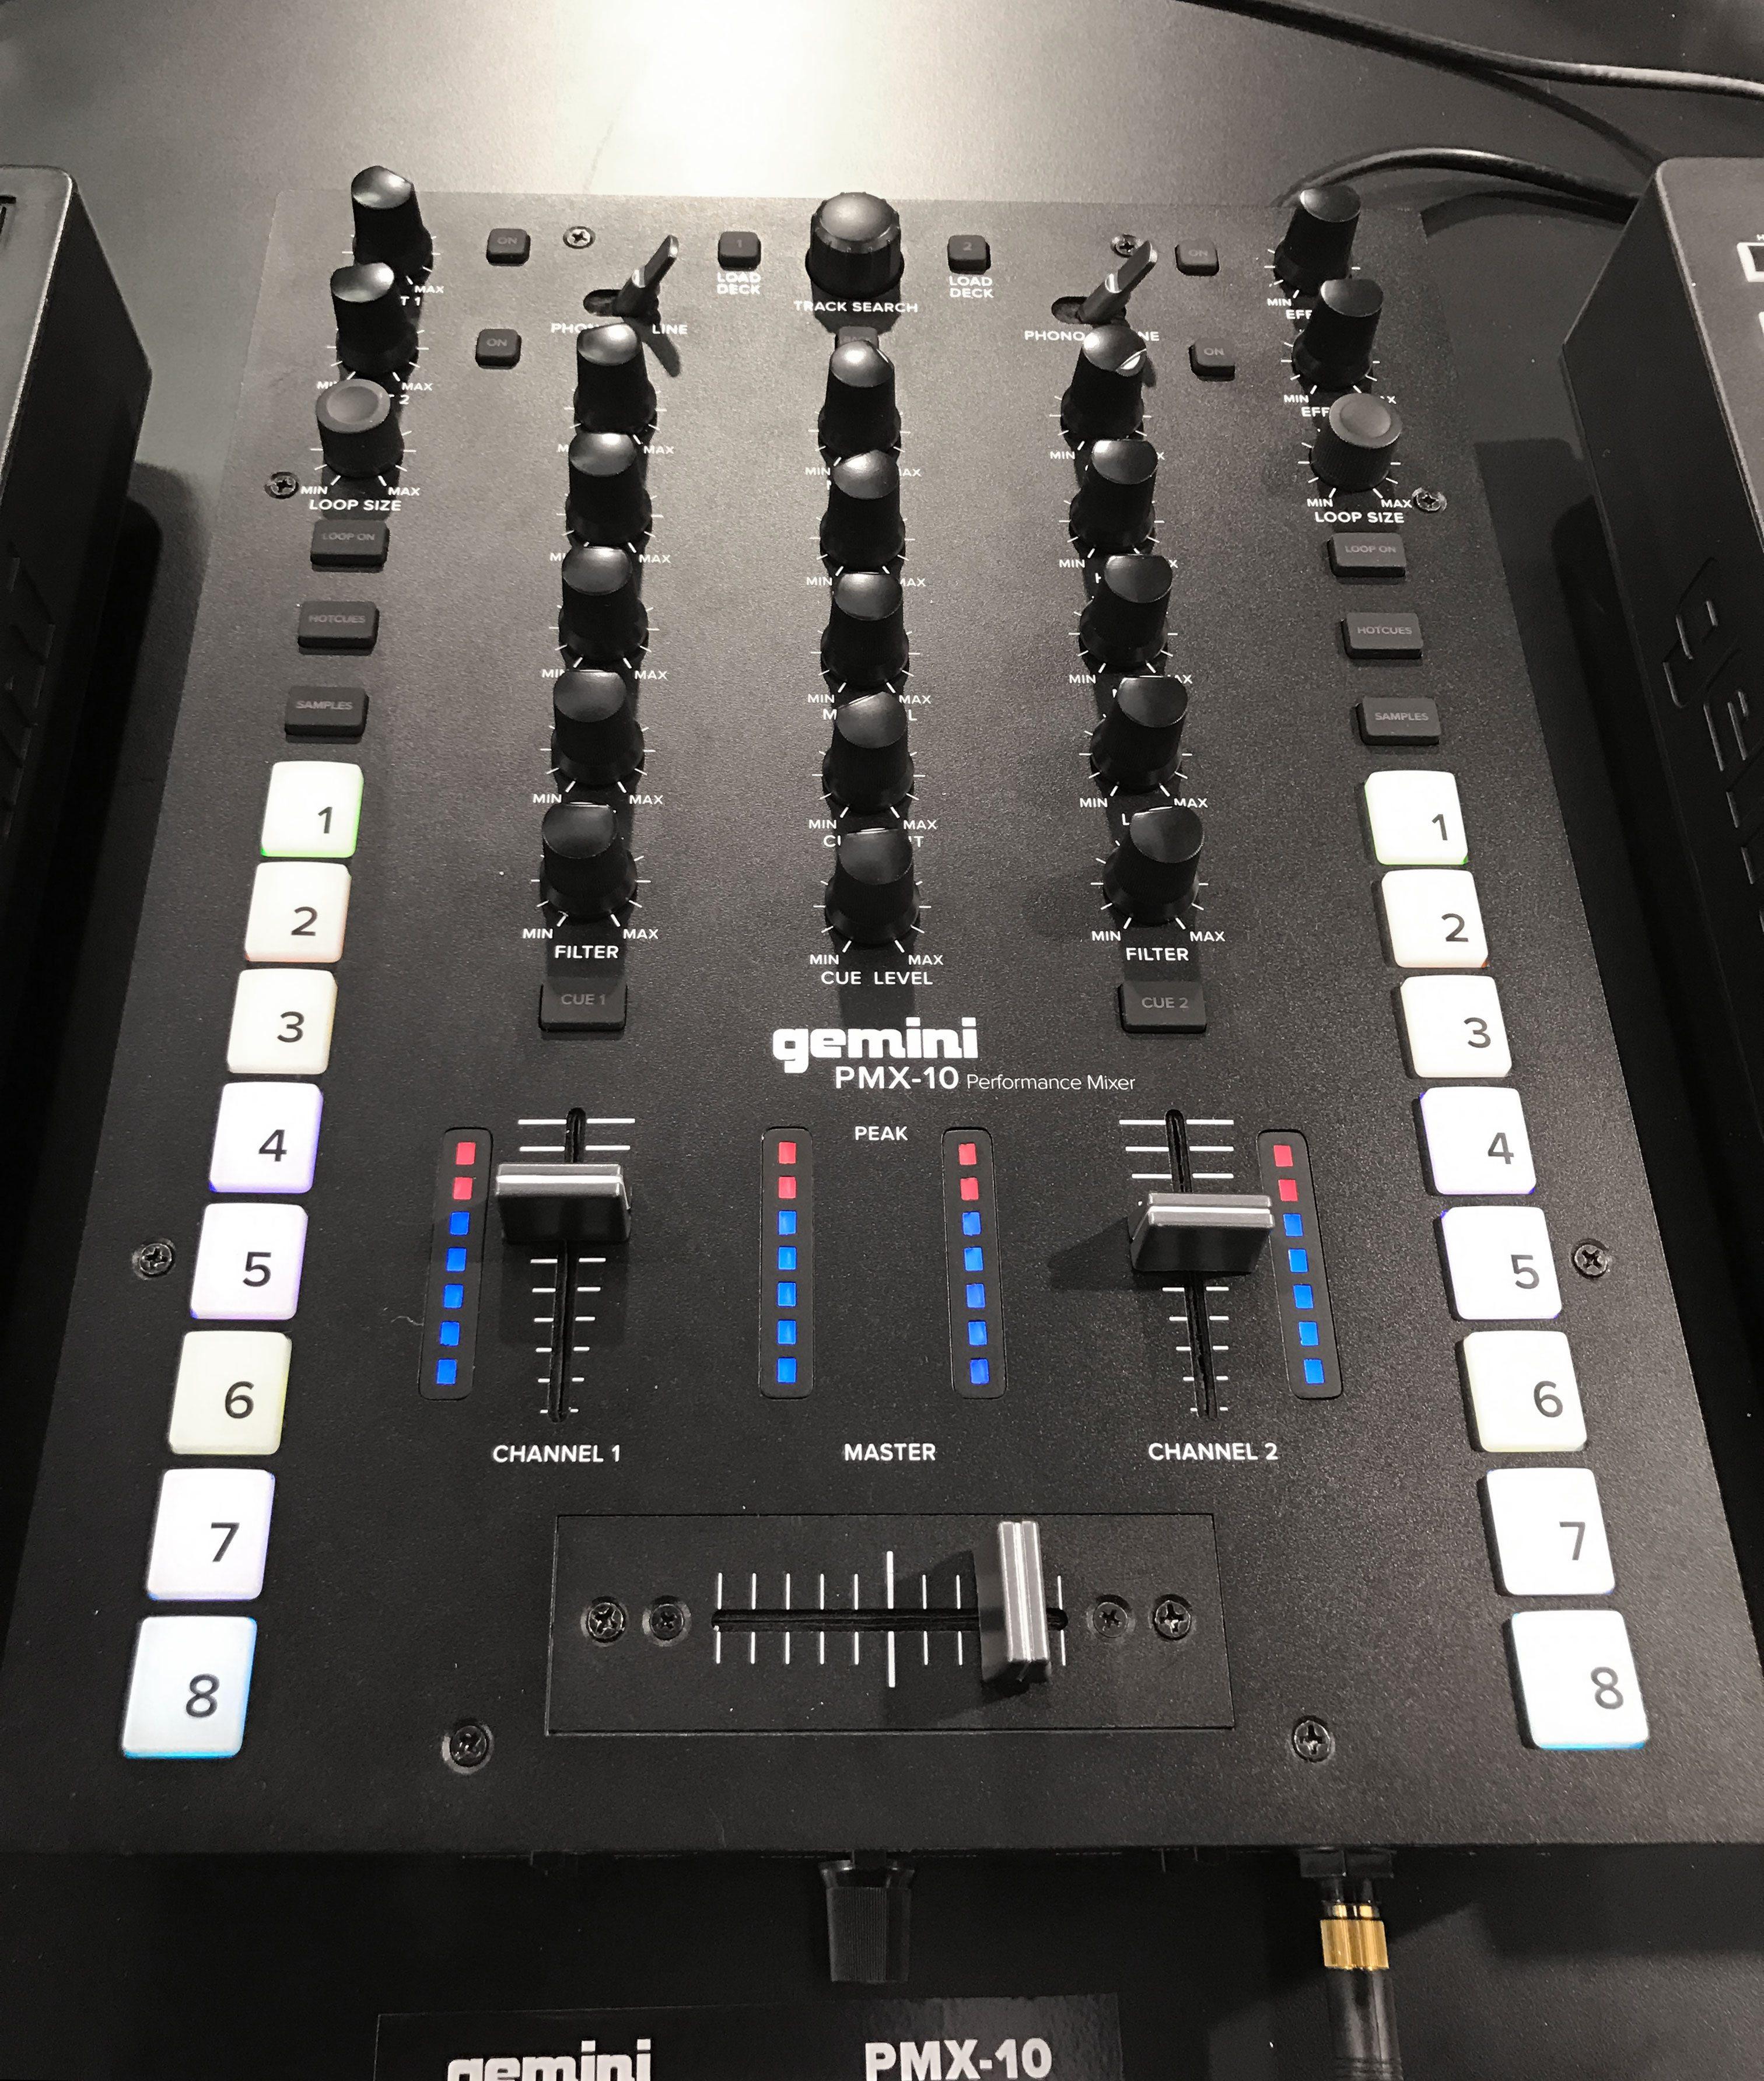 Gemini-PMX-10-mixer-4